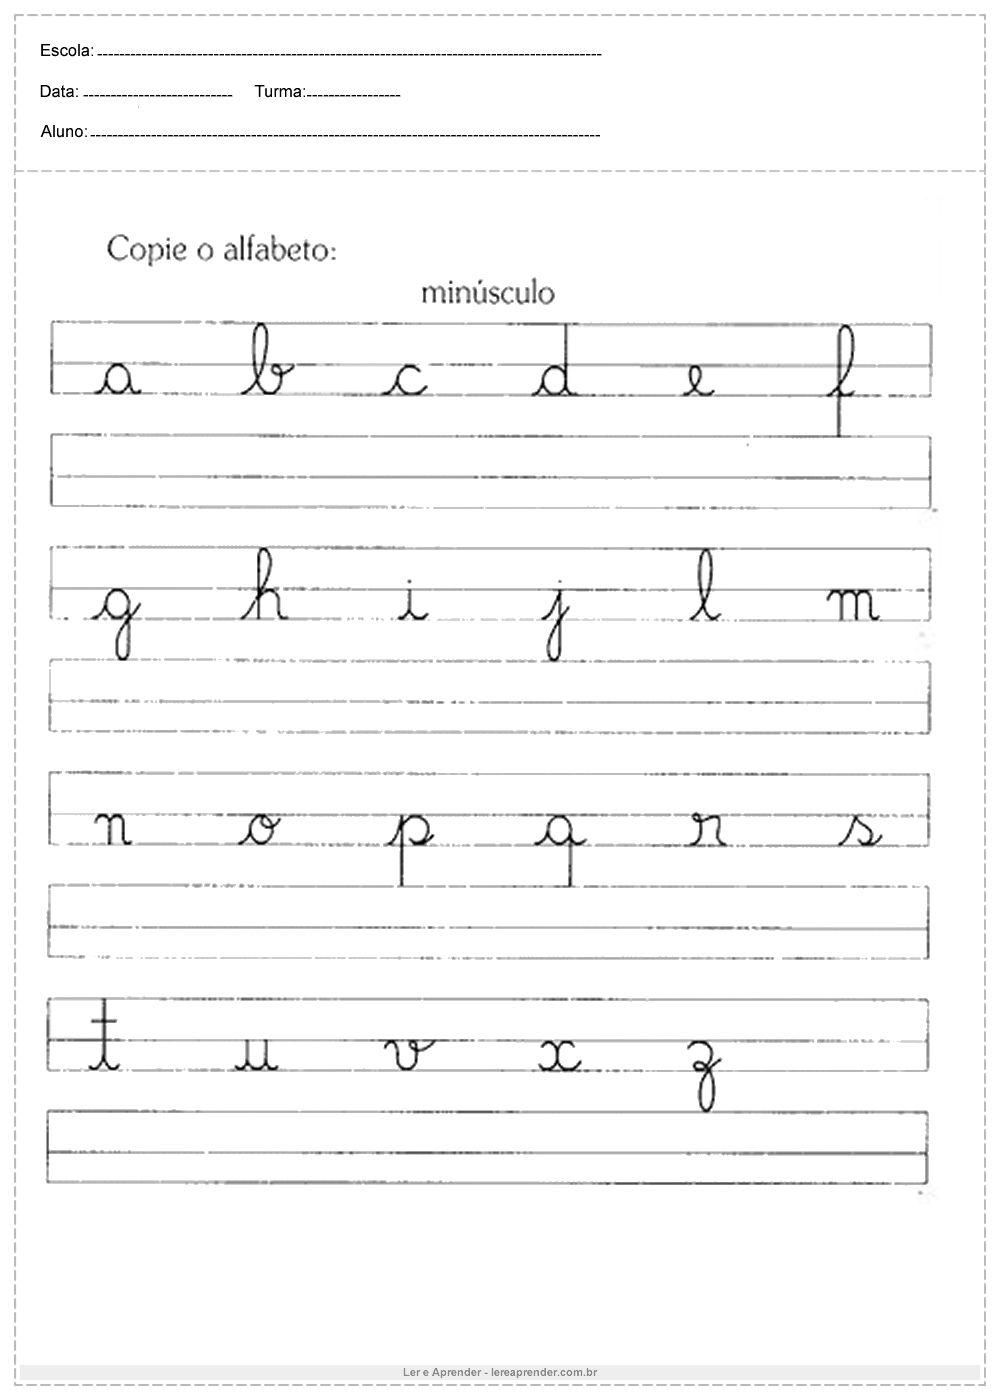 Atividades De Caligrafia Copie O Alfabeto Em 2020 Atividades De